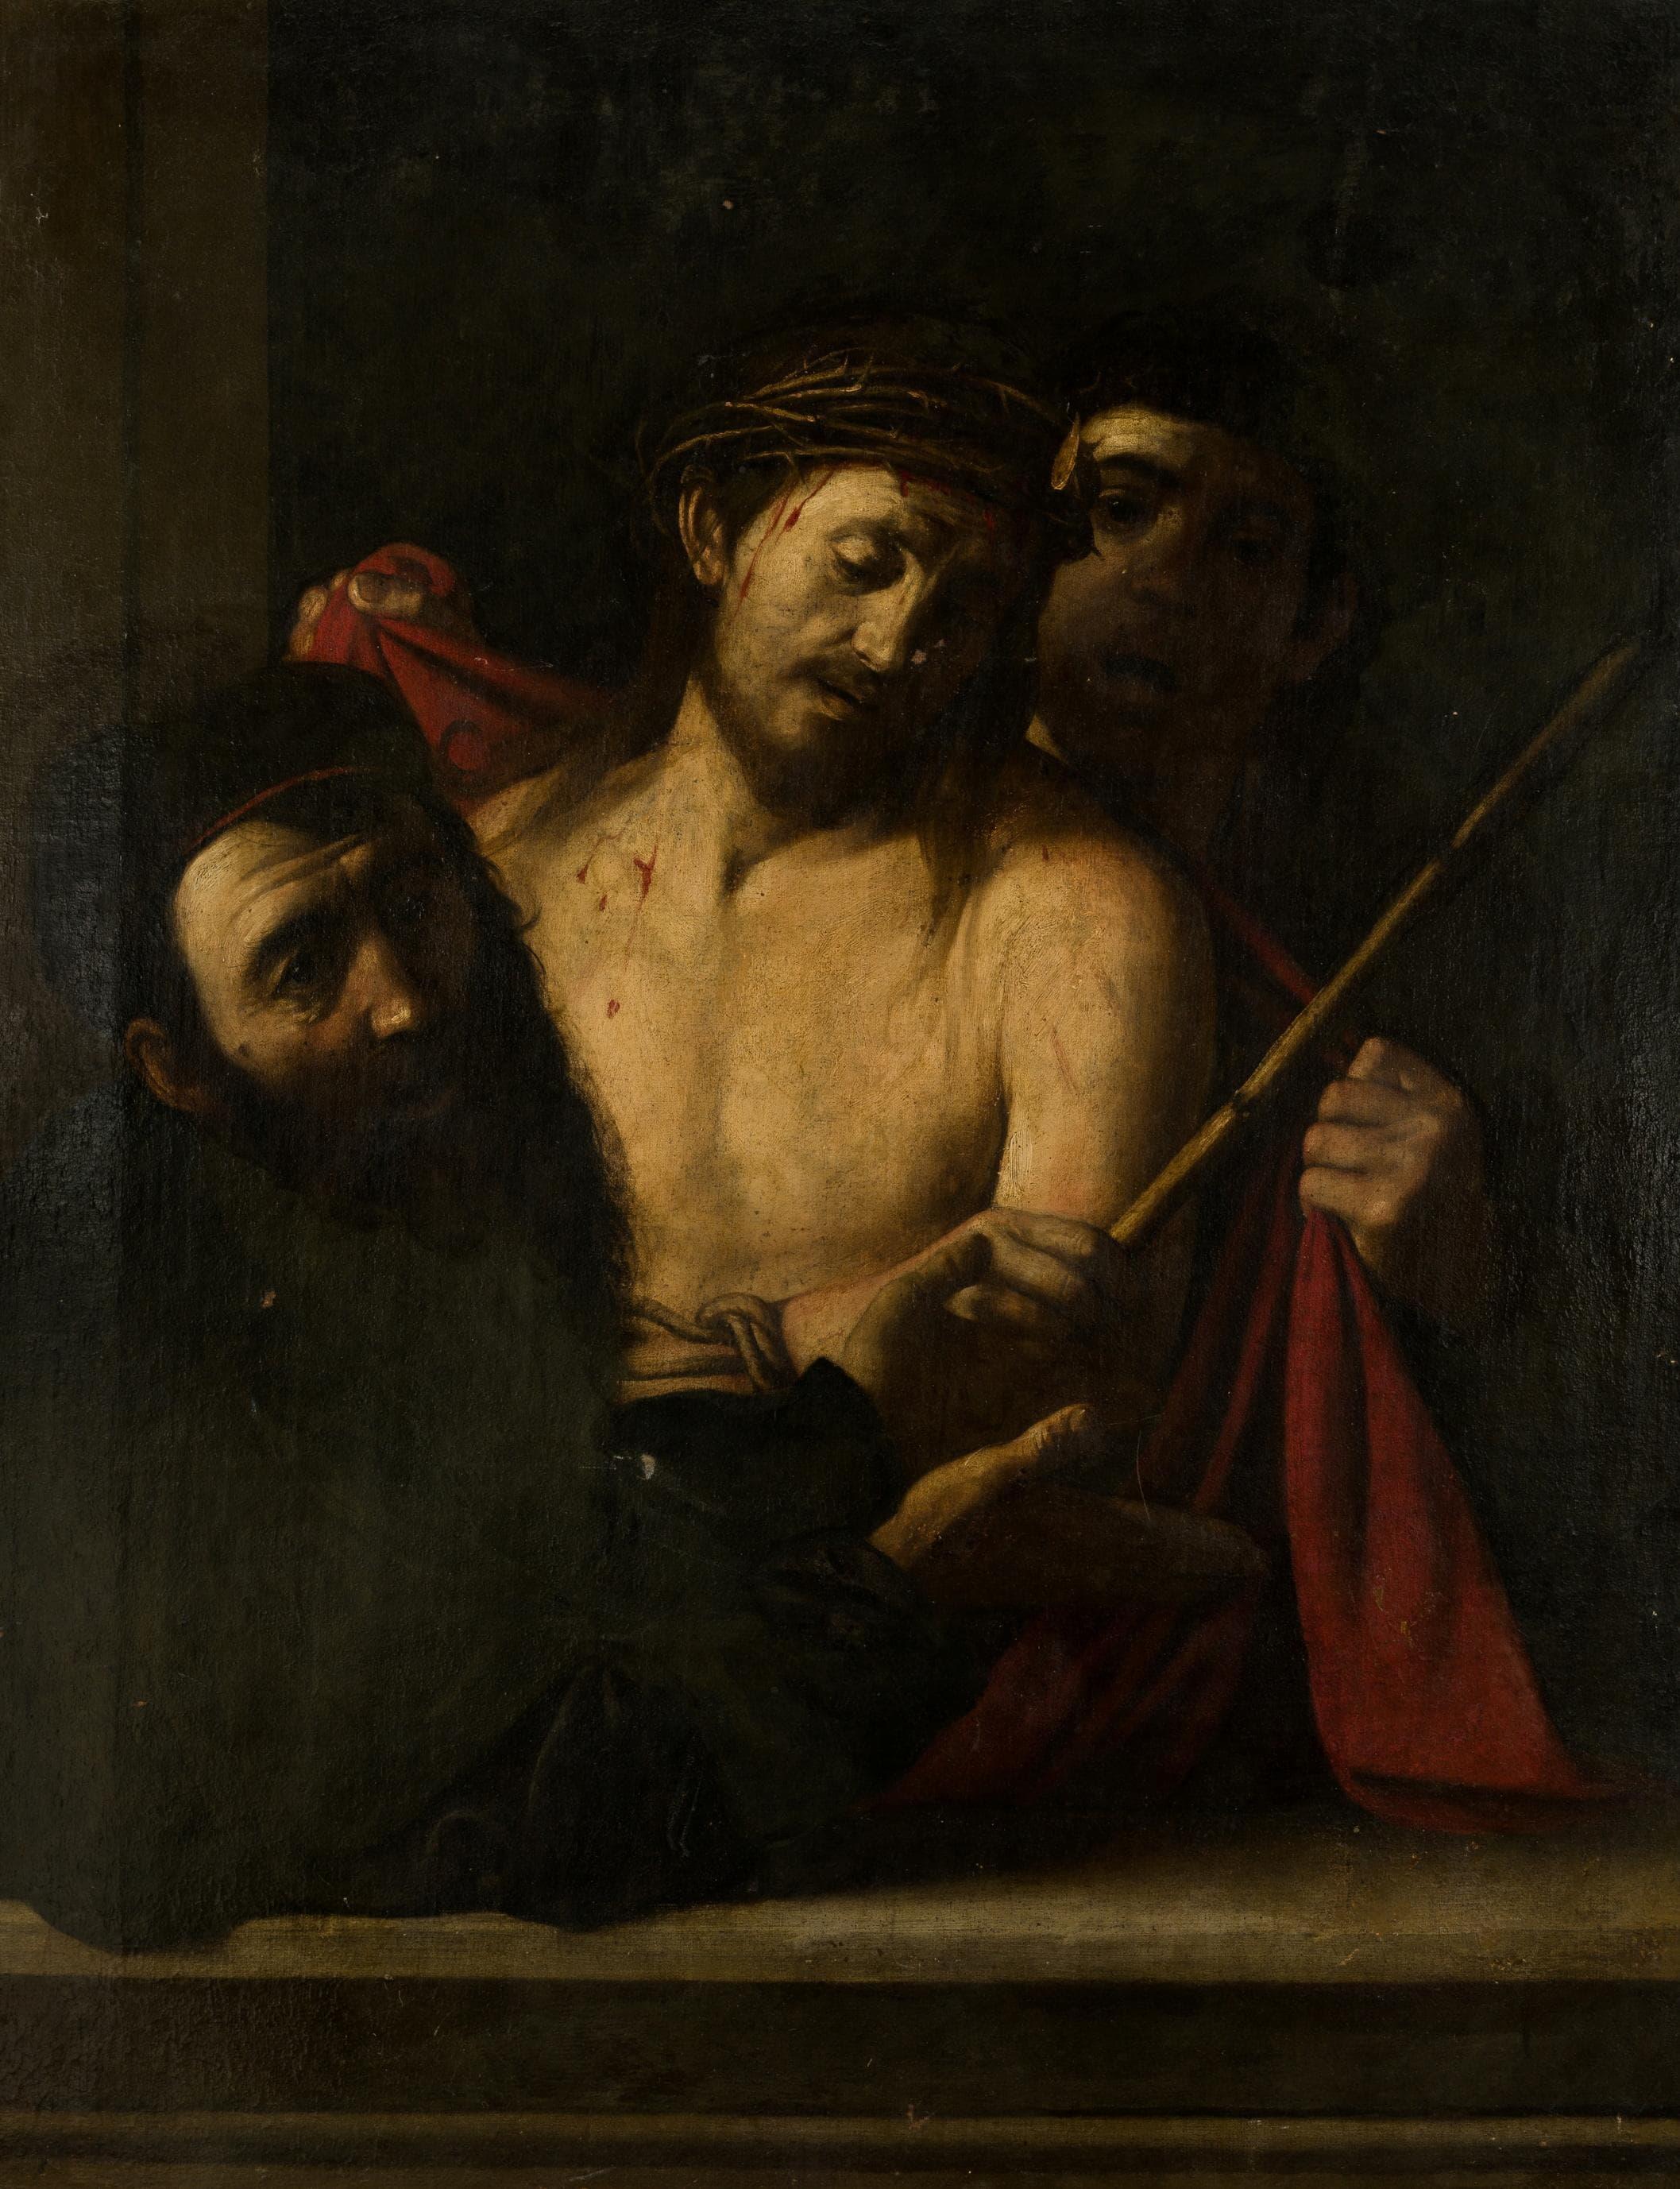 Караваджо (приписывается) — Терновый венец